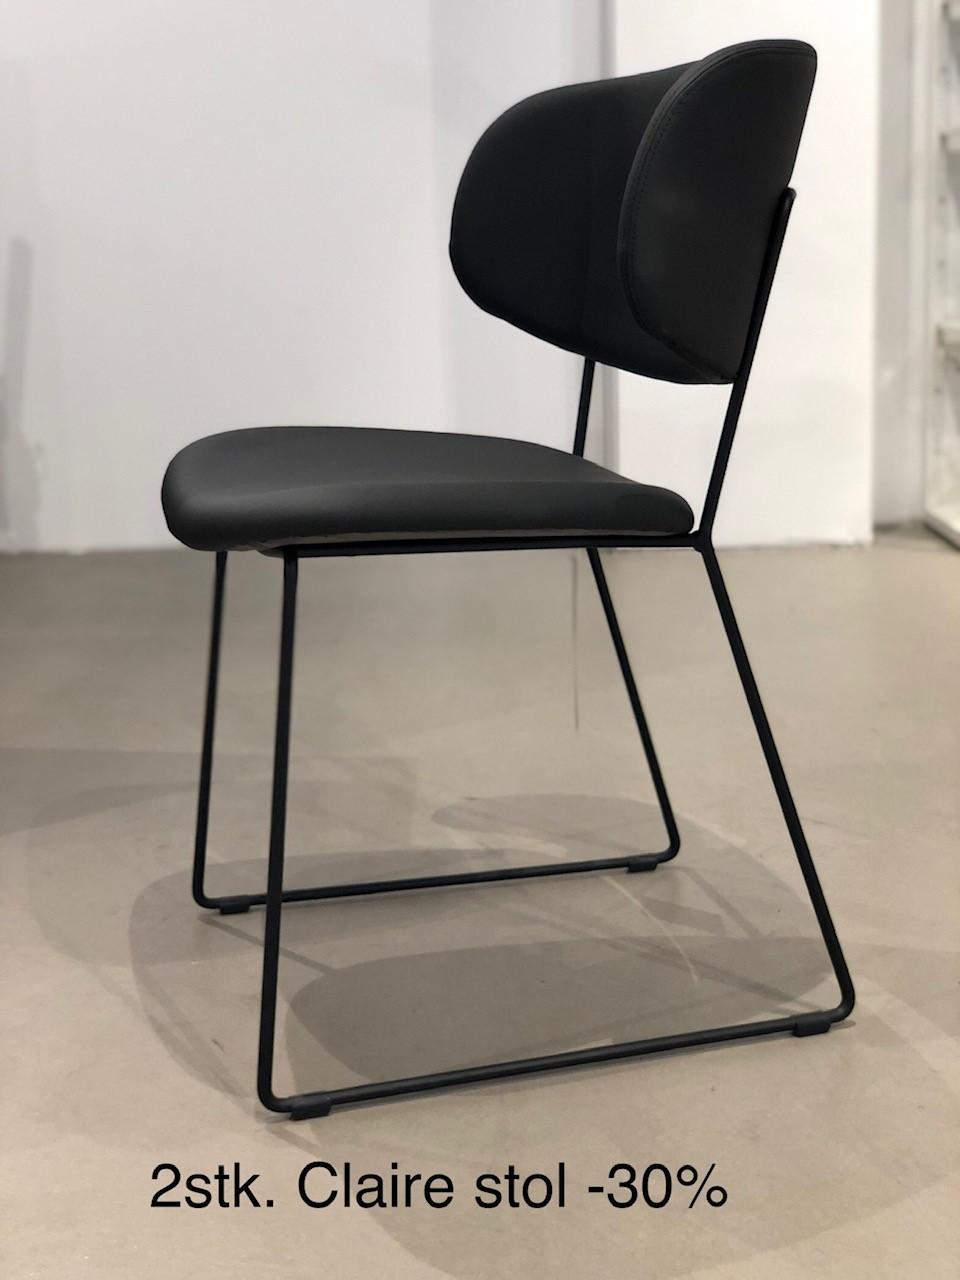 stol s.jpg